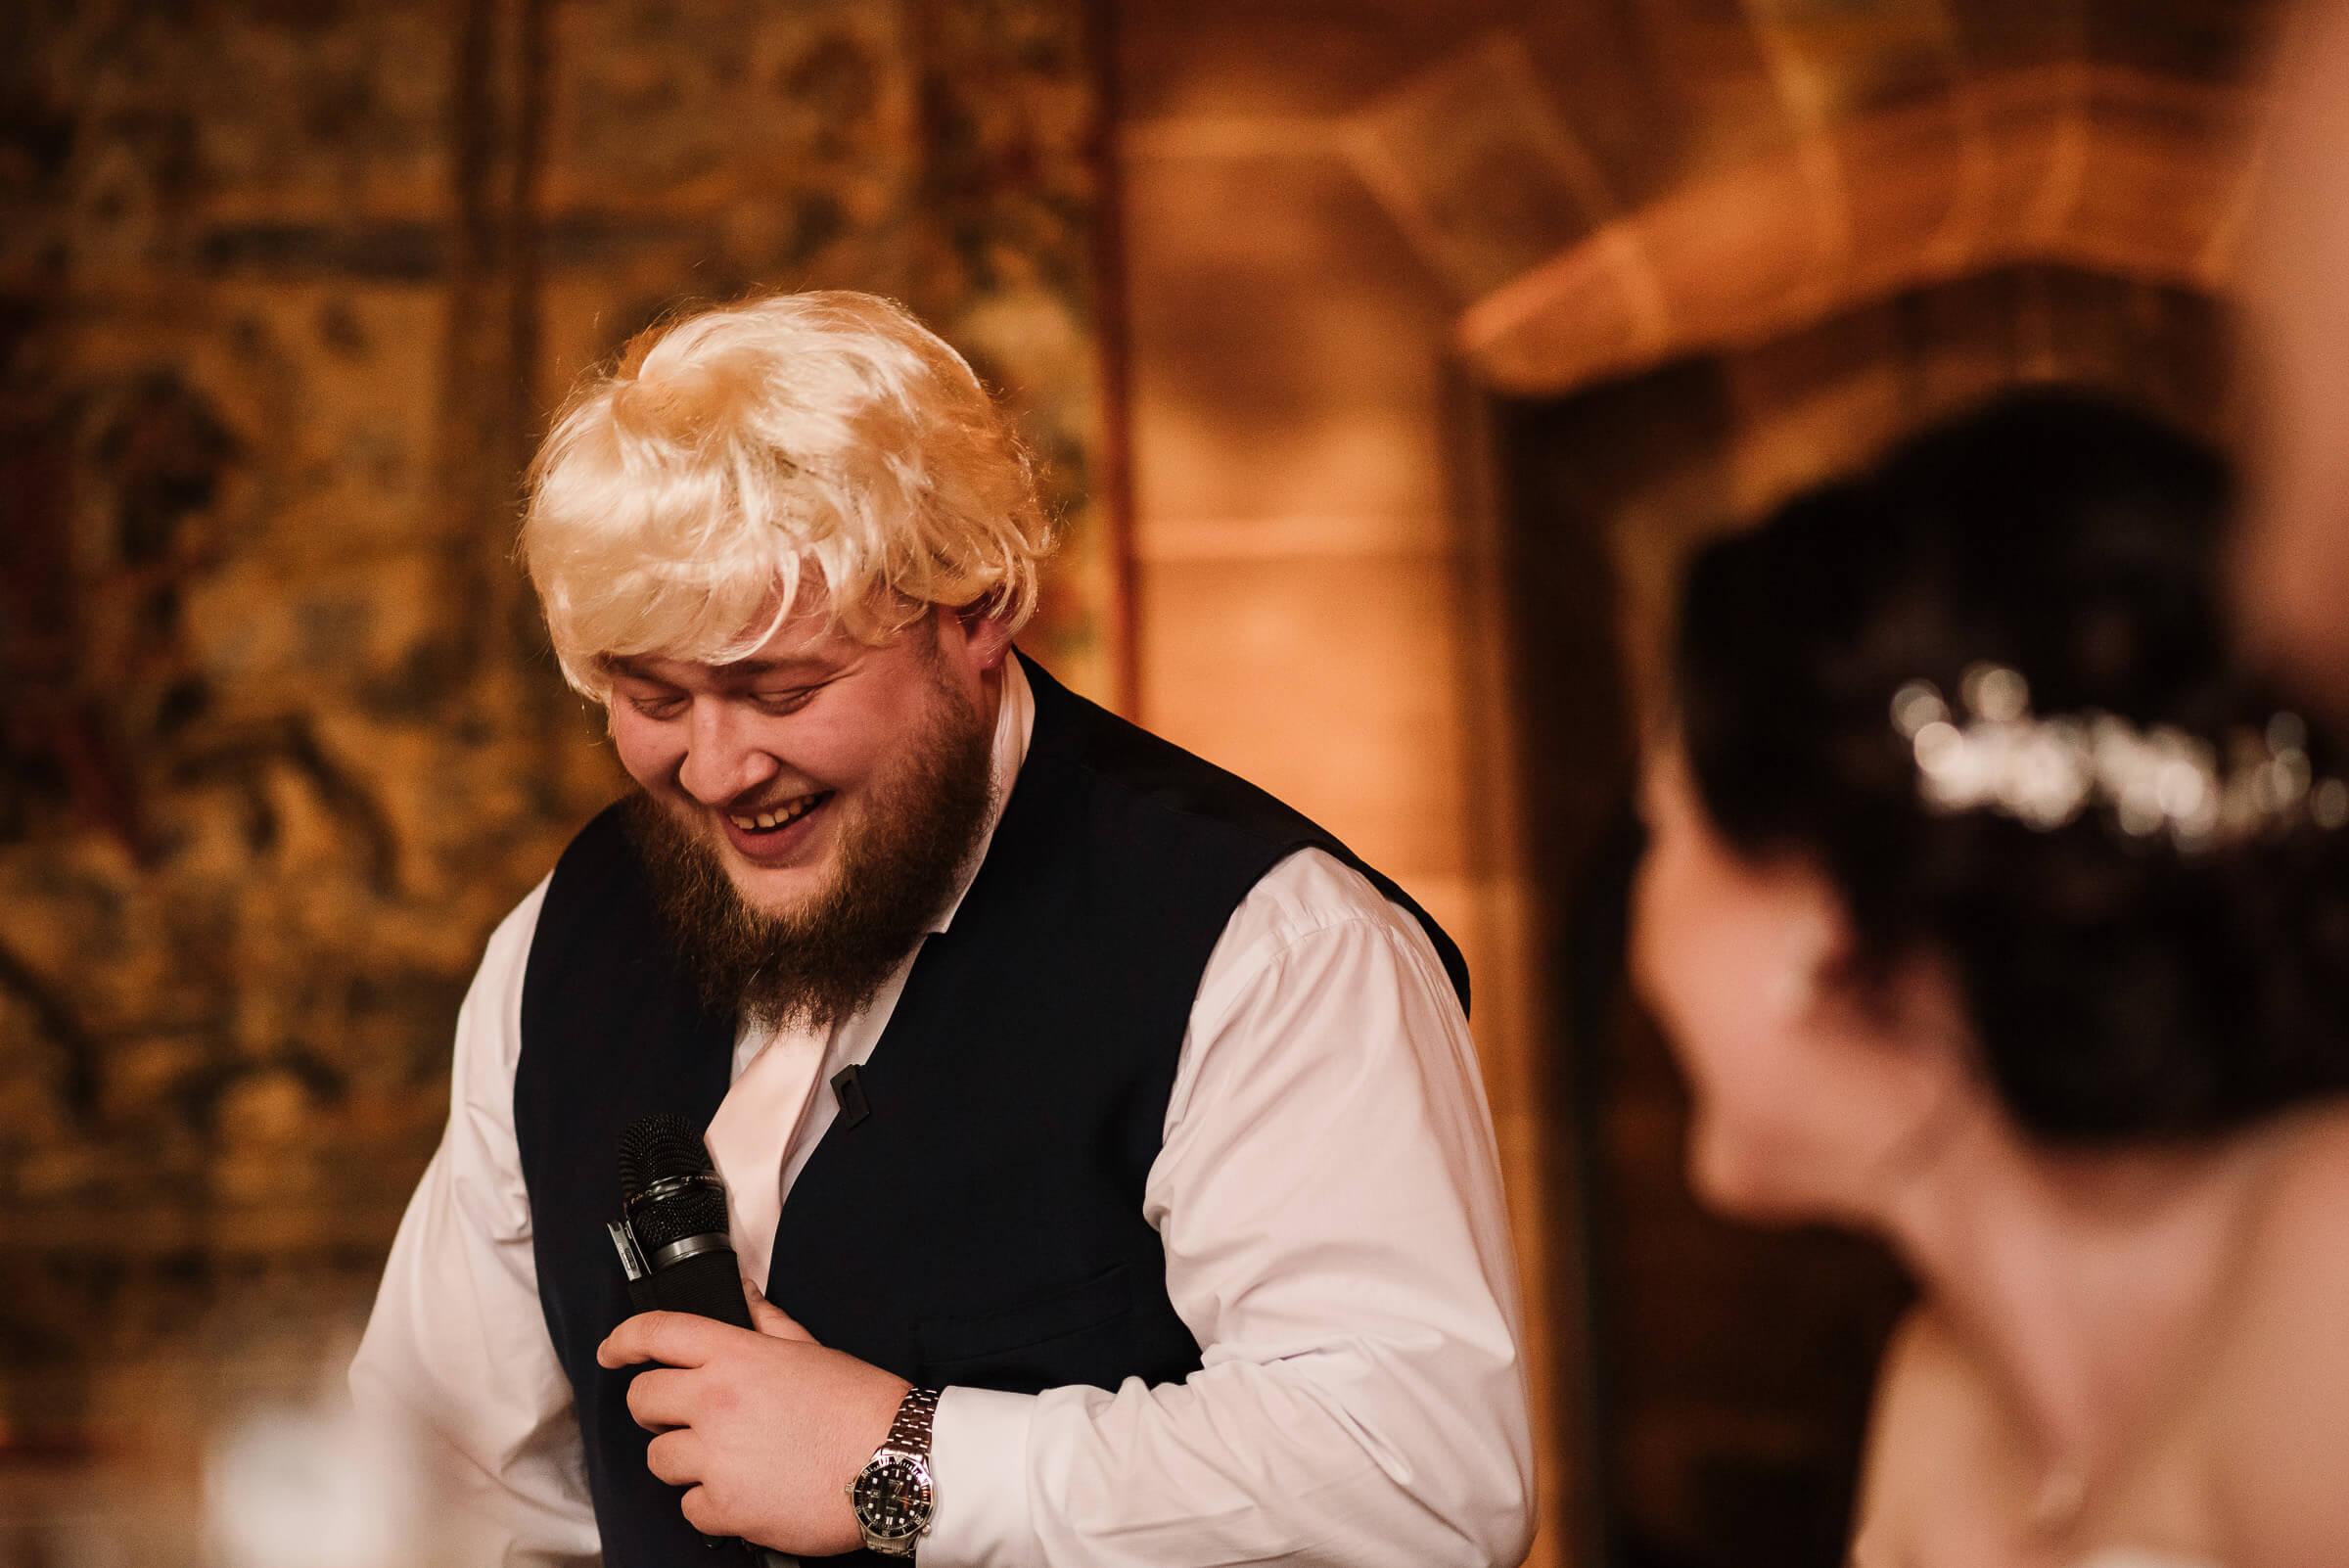 best man wearing blonde wig during speech